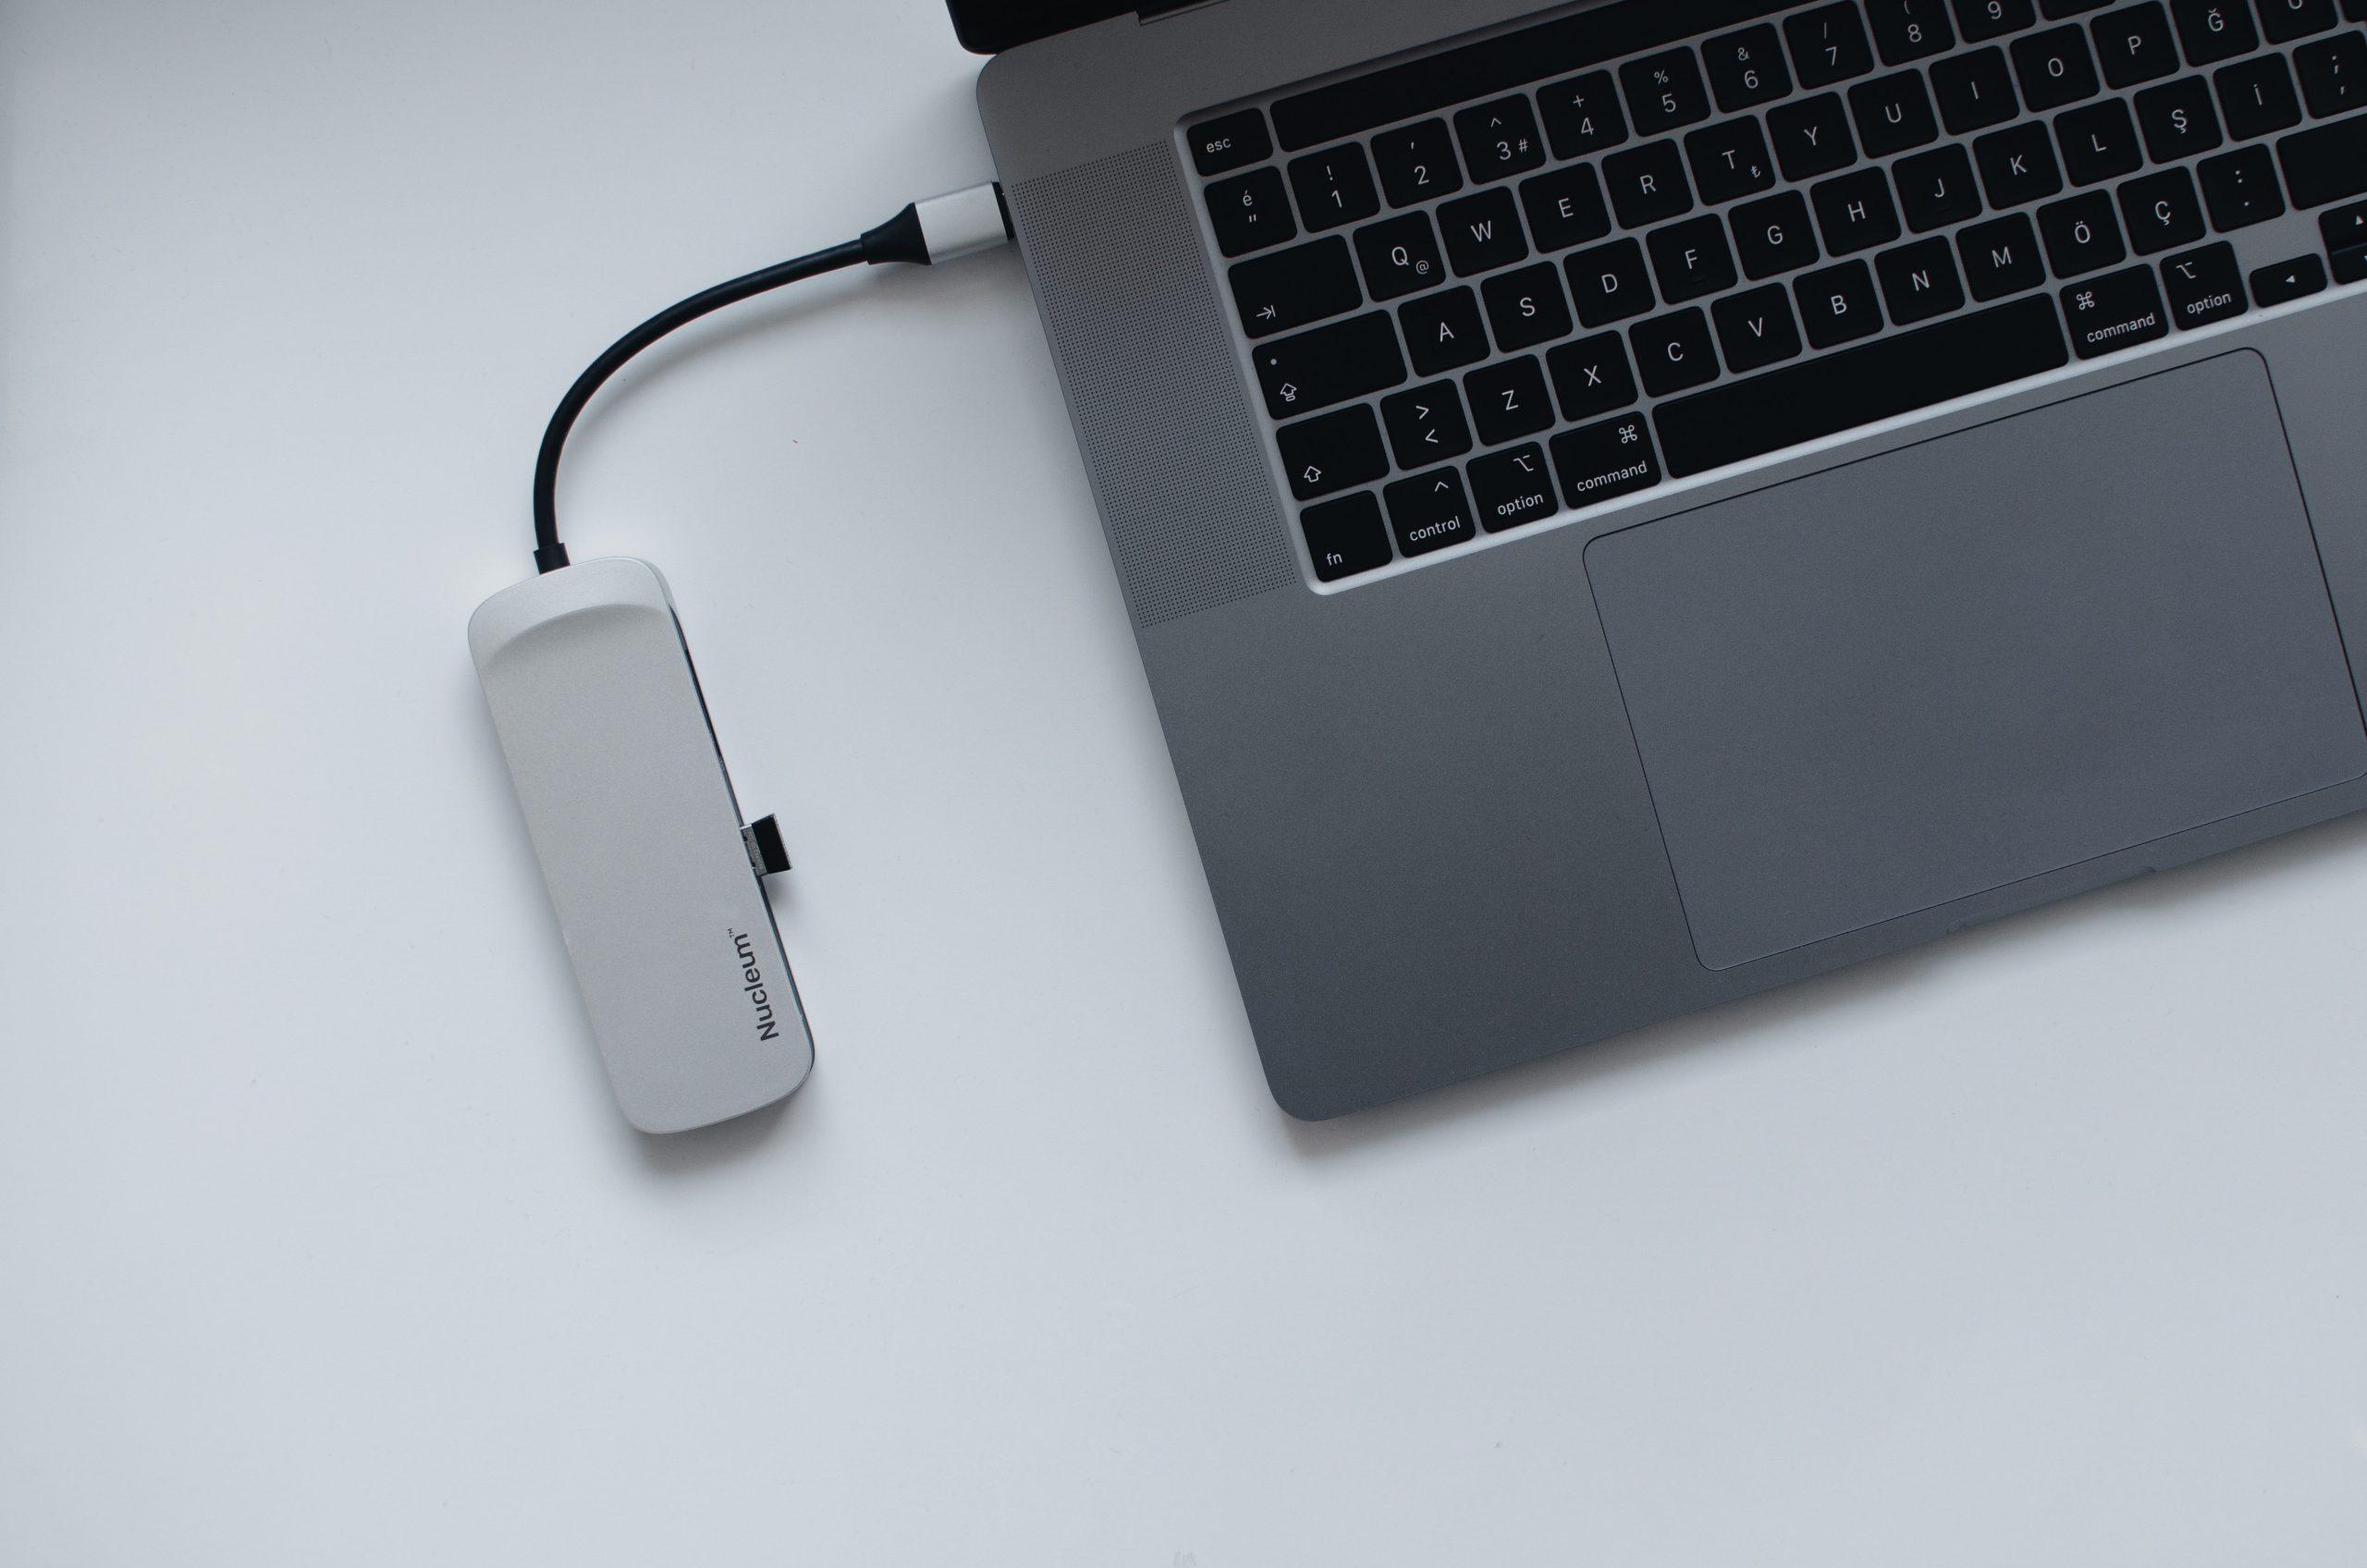 Imagem mostra um hub USB conectado a um notebook.